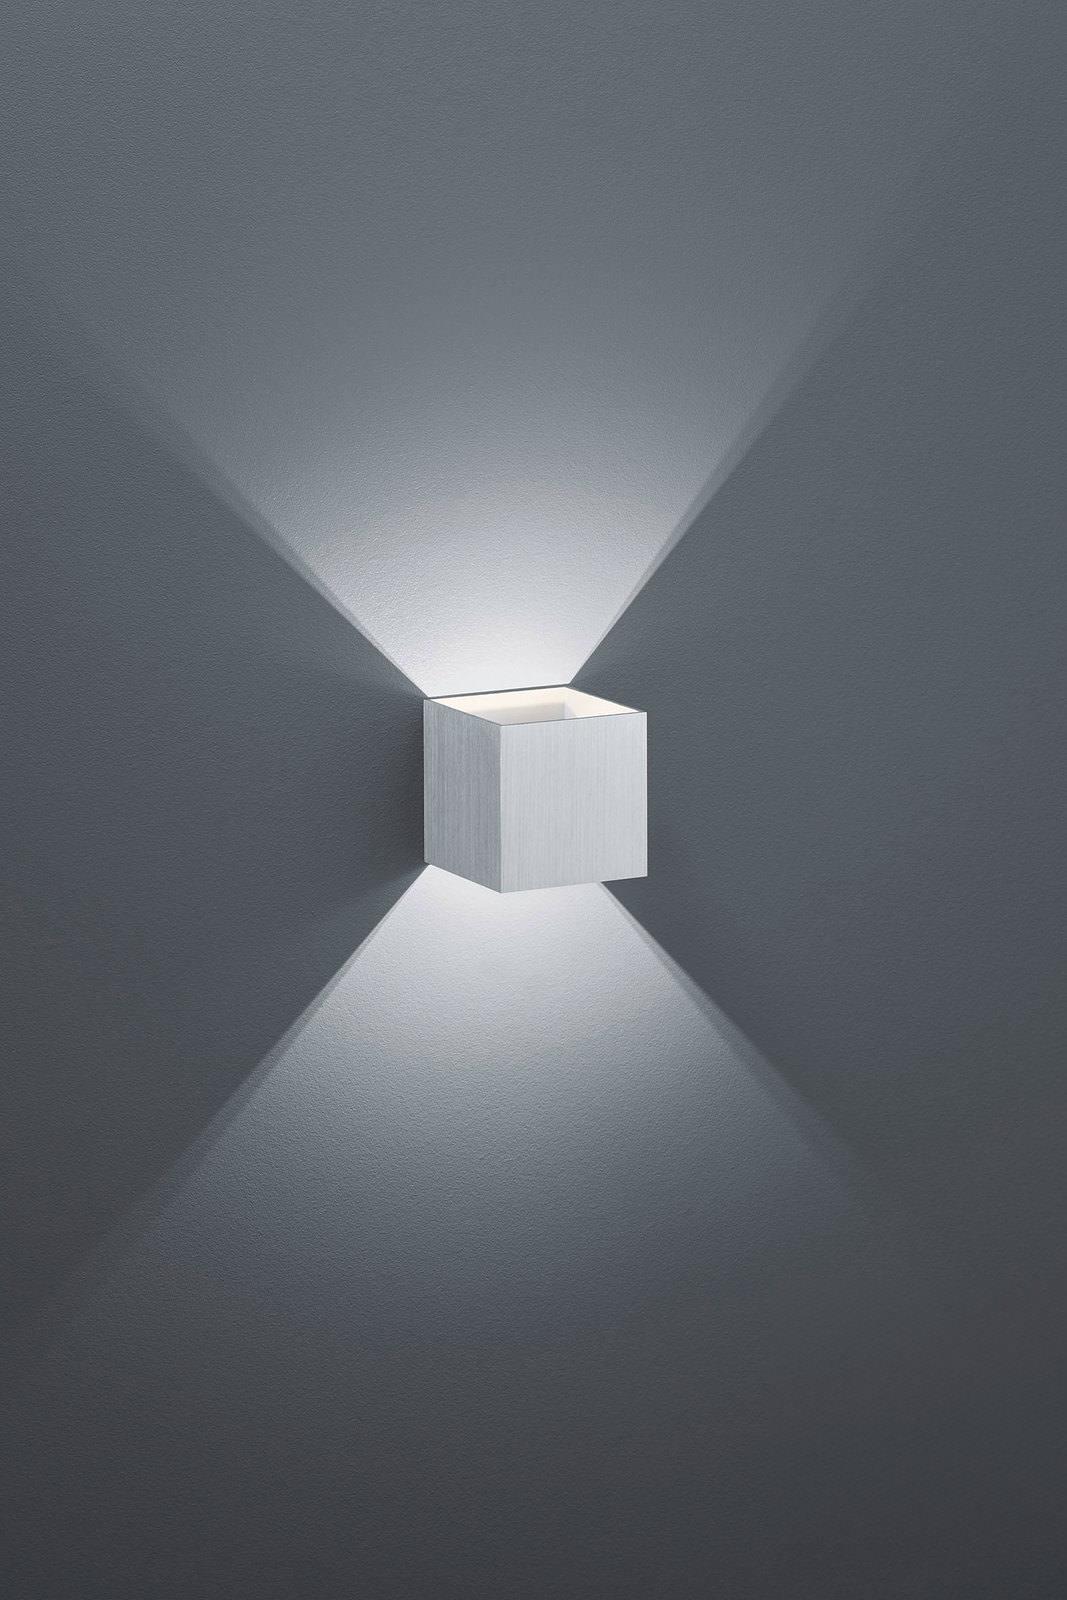 trio leuchten led wandleuchte 1flg online entdecken knuffmann ihr m belhaus. Black Bedroom Furniture Sets. Home Design Ideas